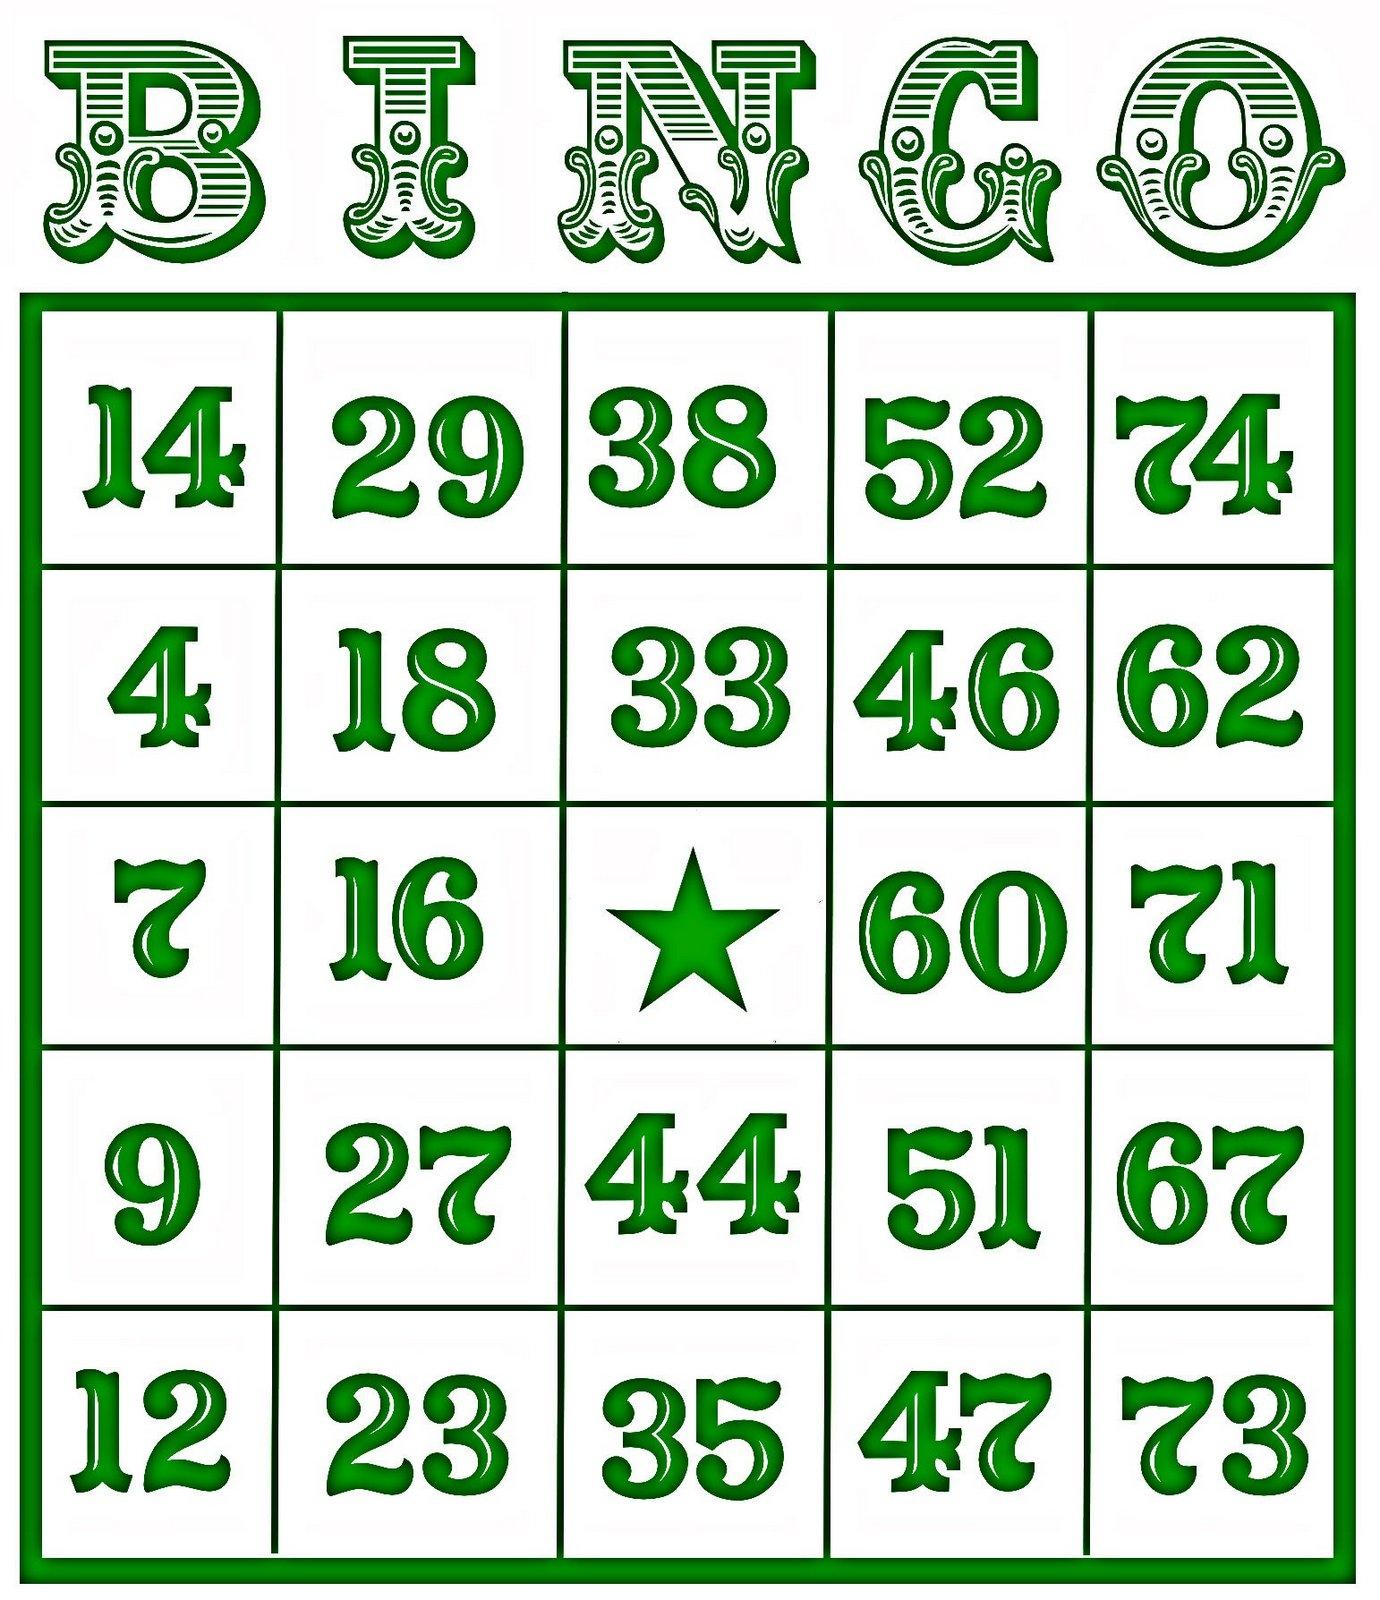 Christine Zani: Bingo Card Printables to Share